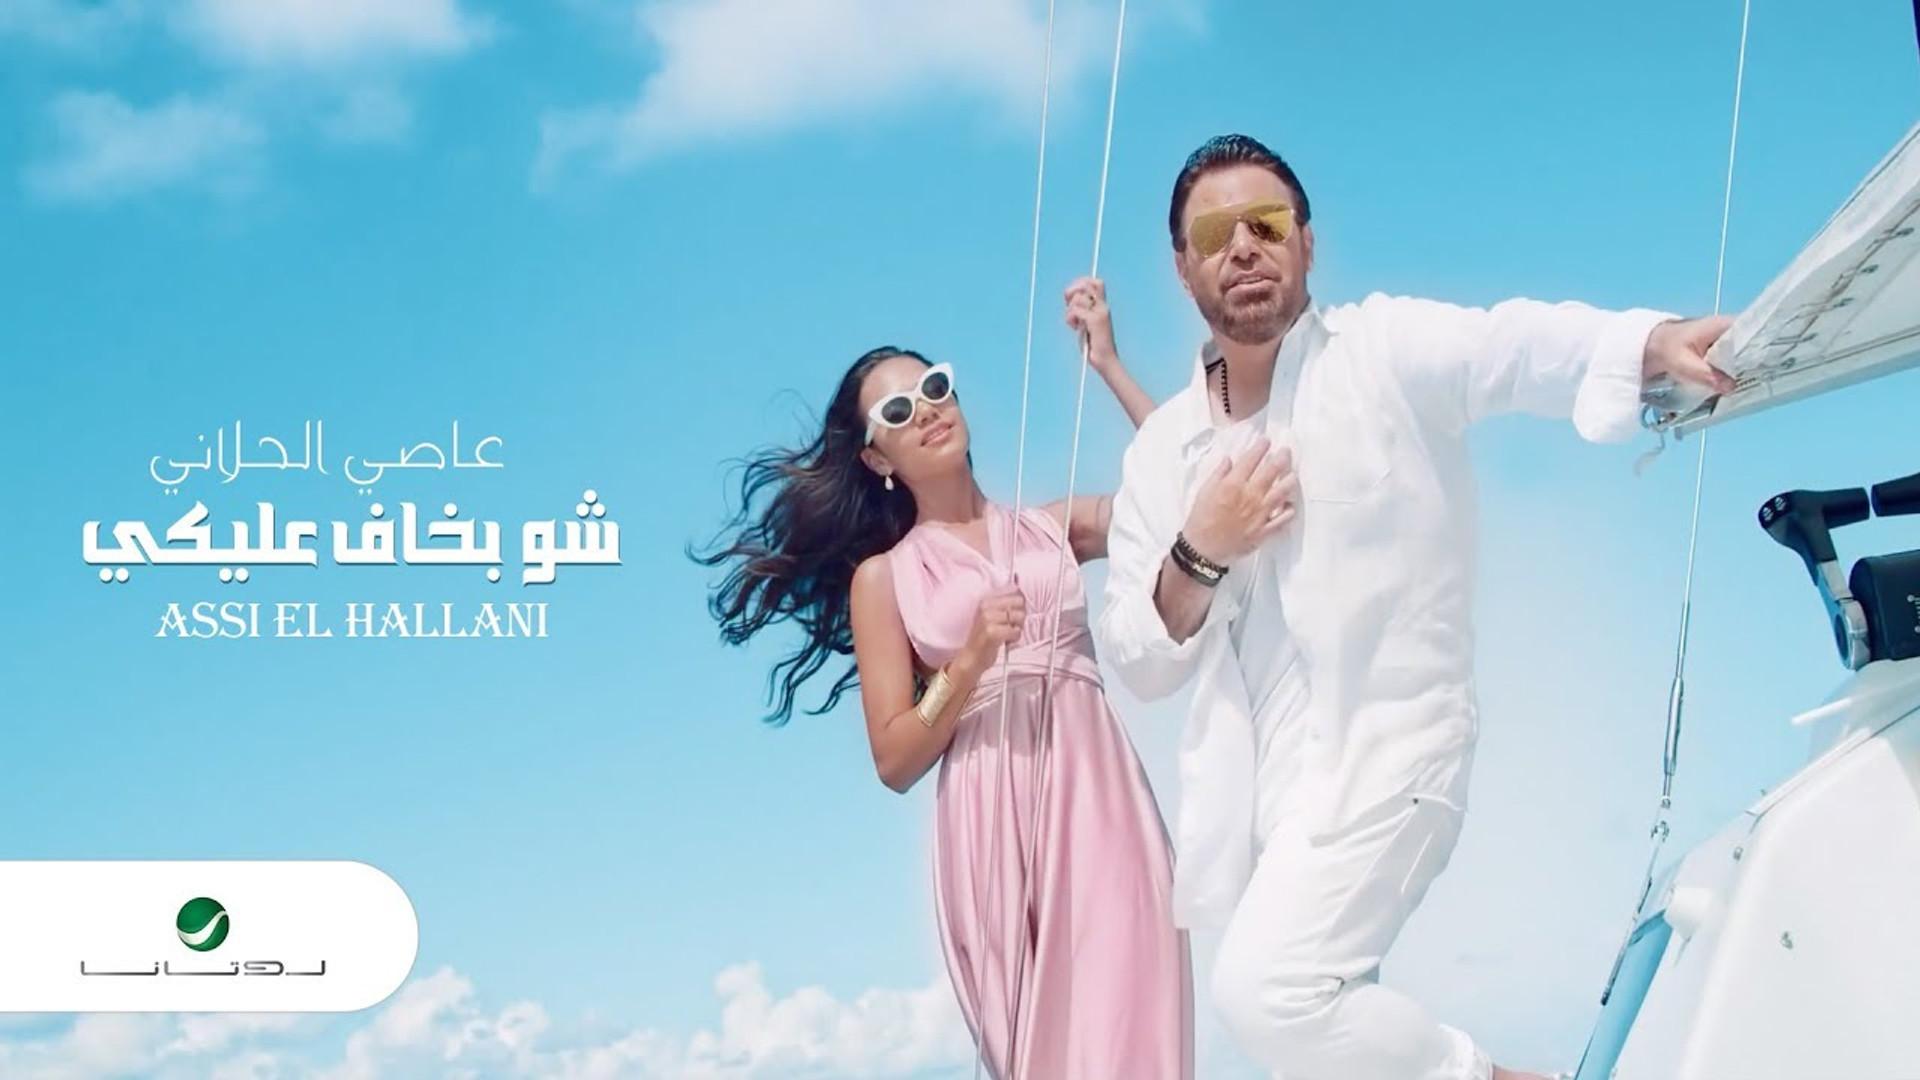 SHOU BHAF ALEIKY - ASSI EL HELLANI